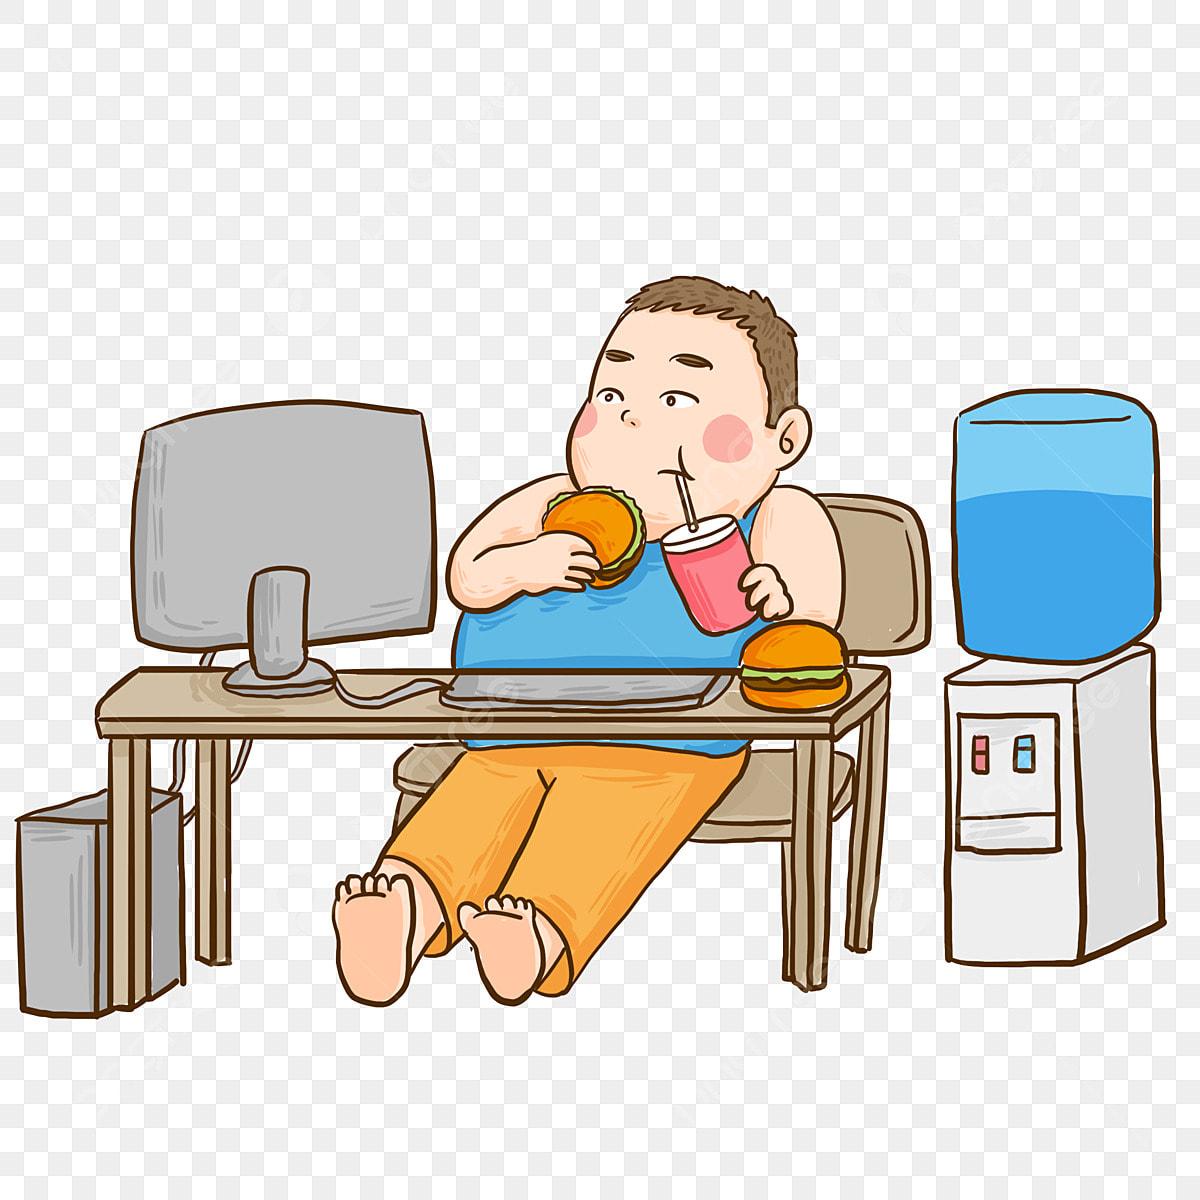 Văn Phòng ăn Hamburger Quá Mập Nhân Vật Trẻ Em Bàn miễn phí tải tập